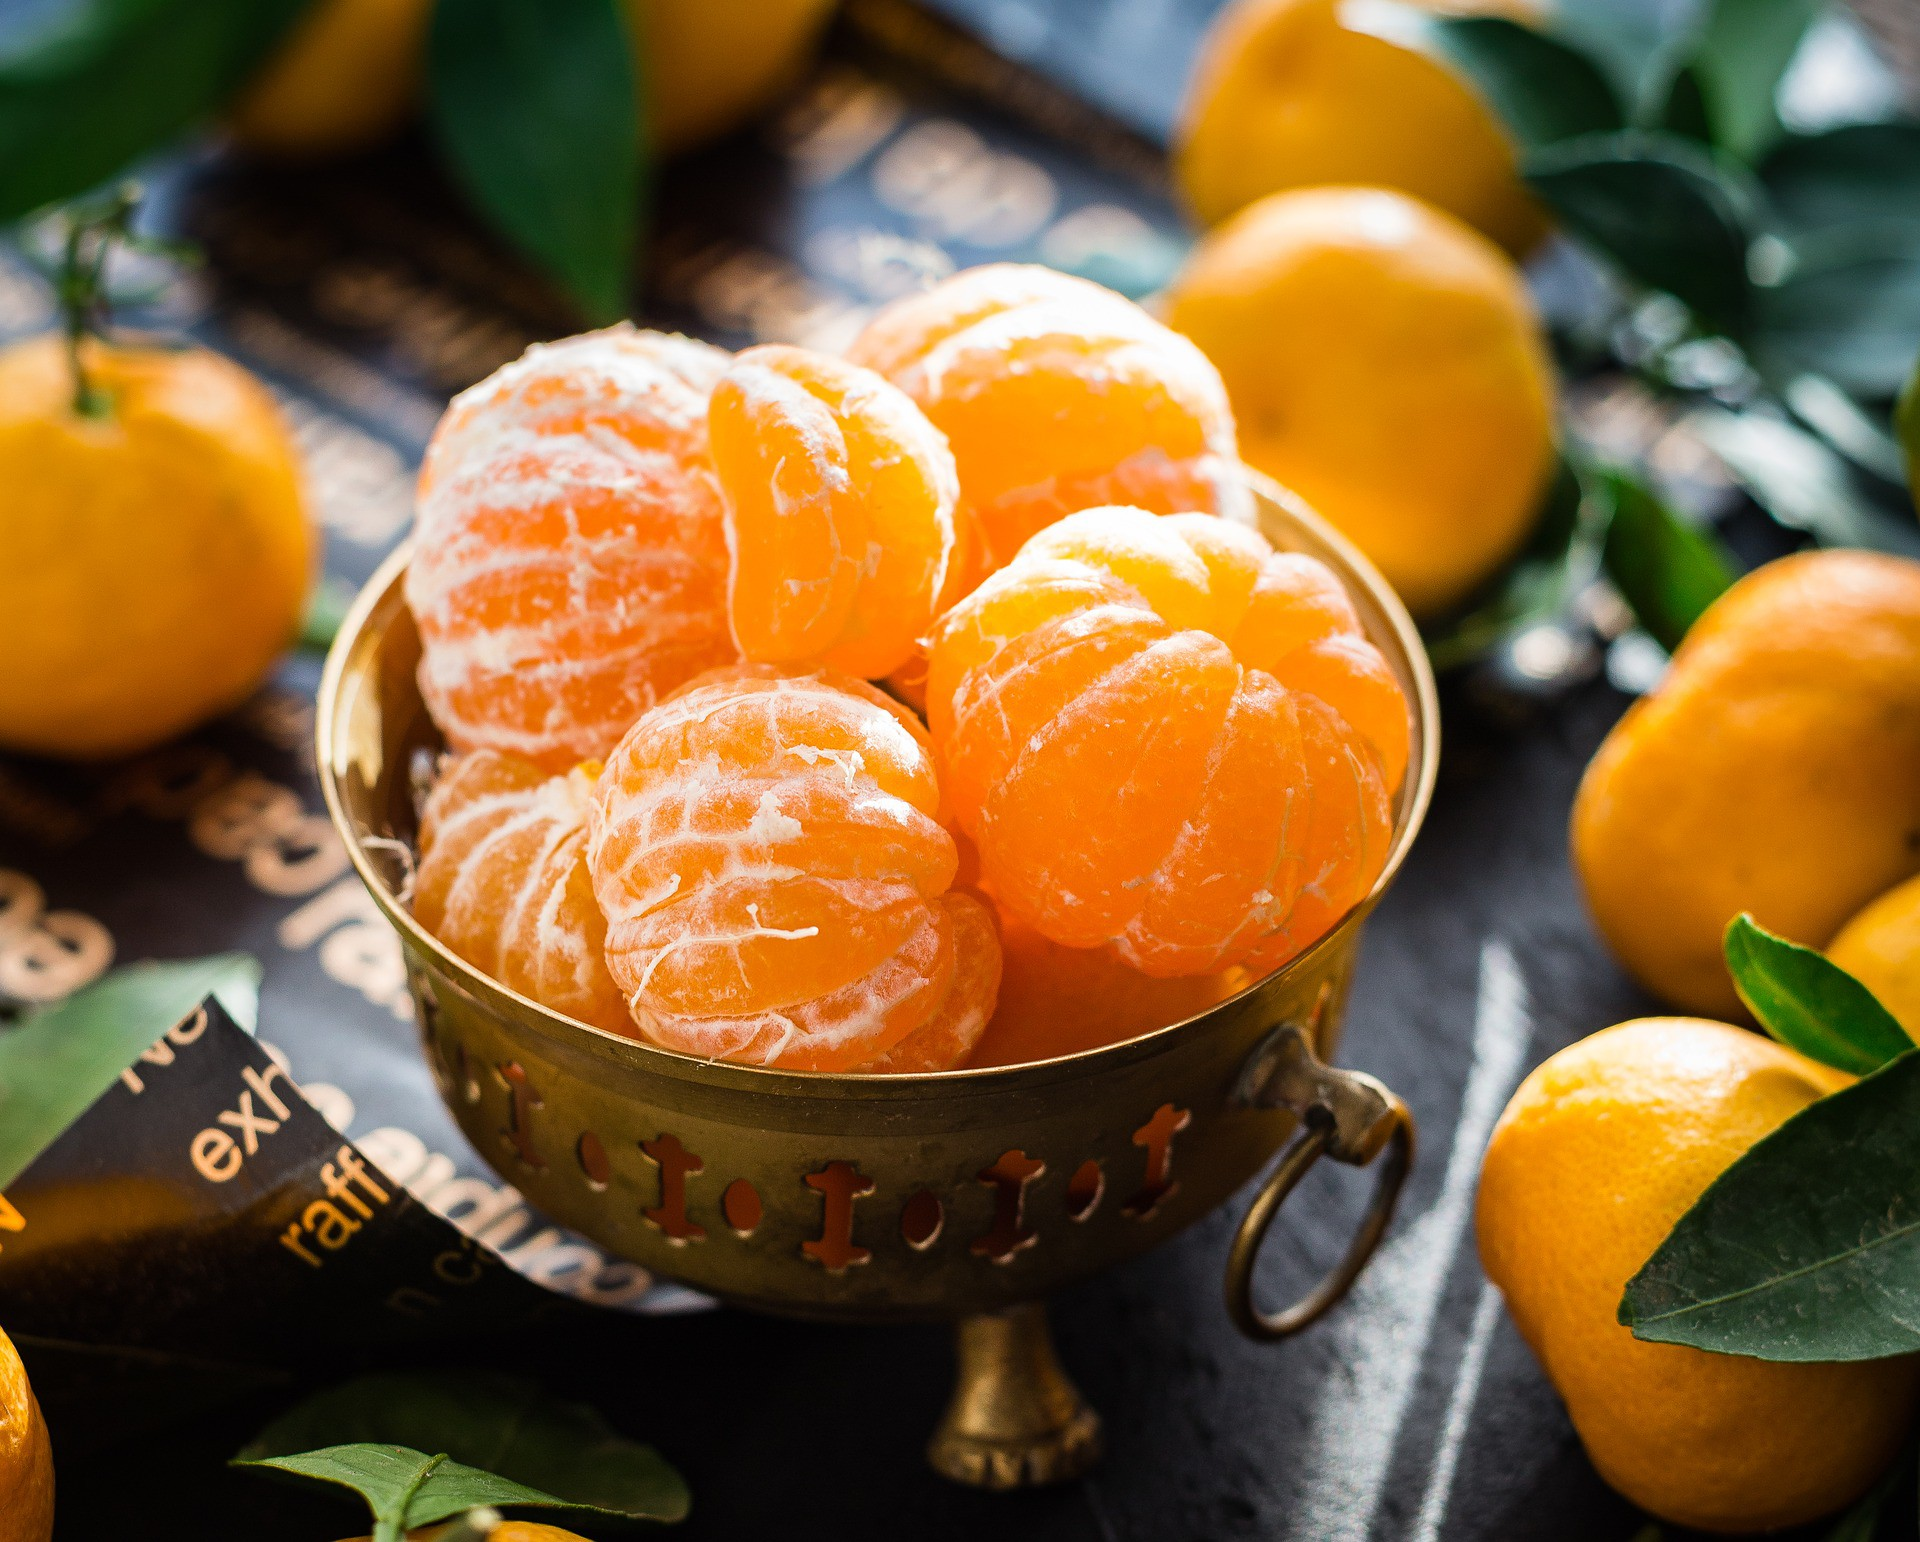 Jak zrobić słodkie białe wino z mandarynek - przepis